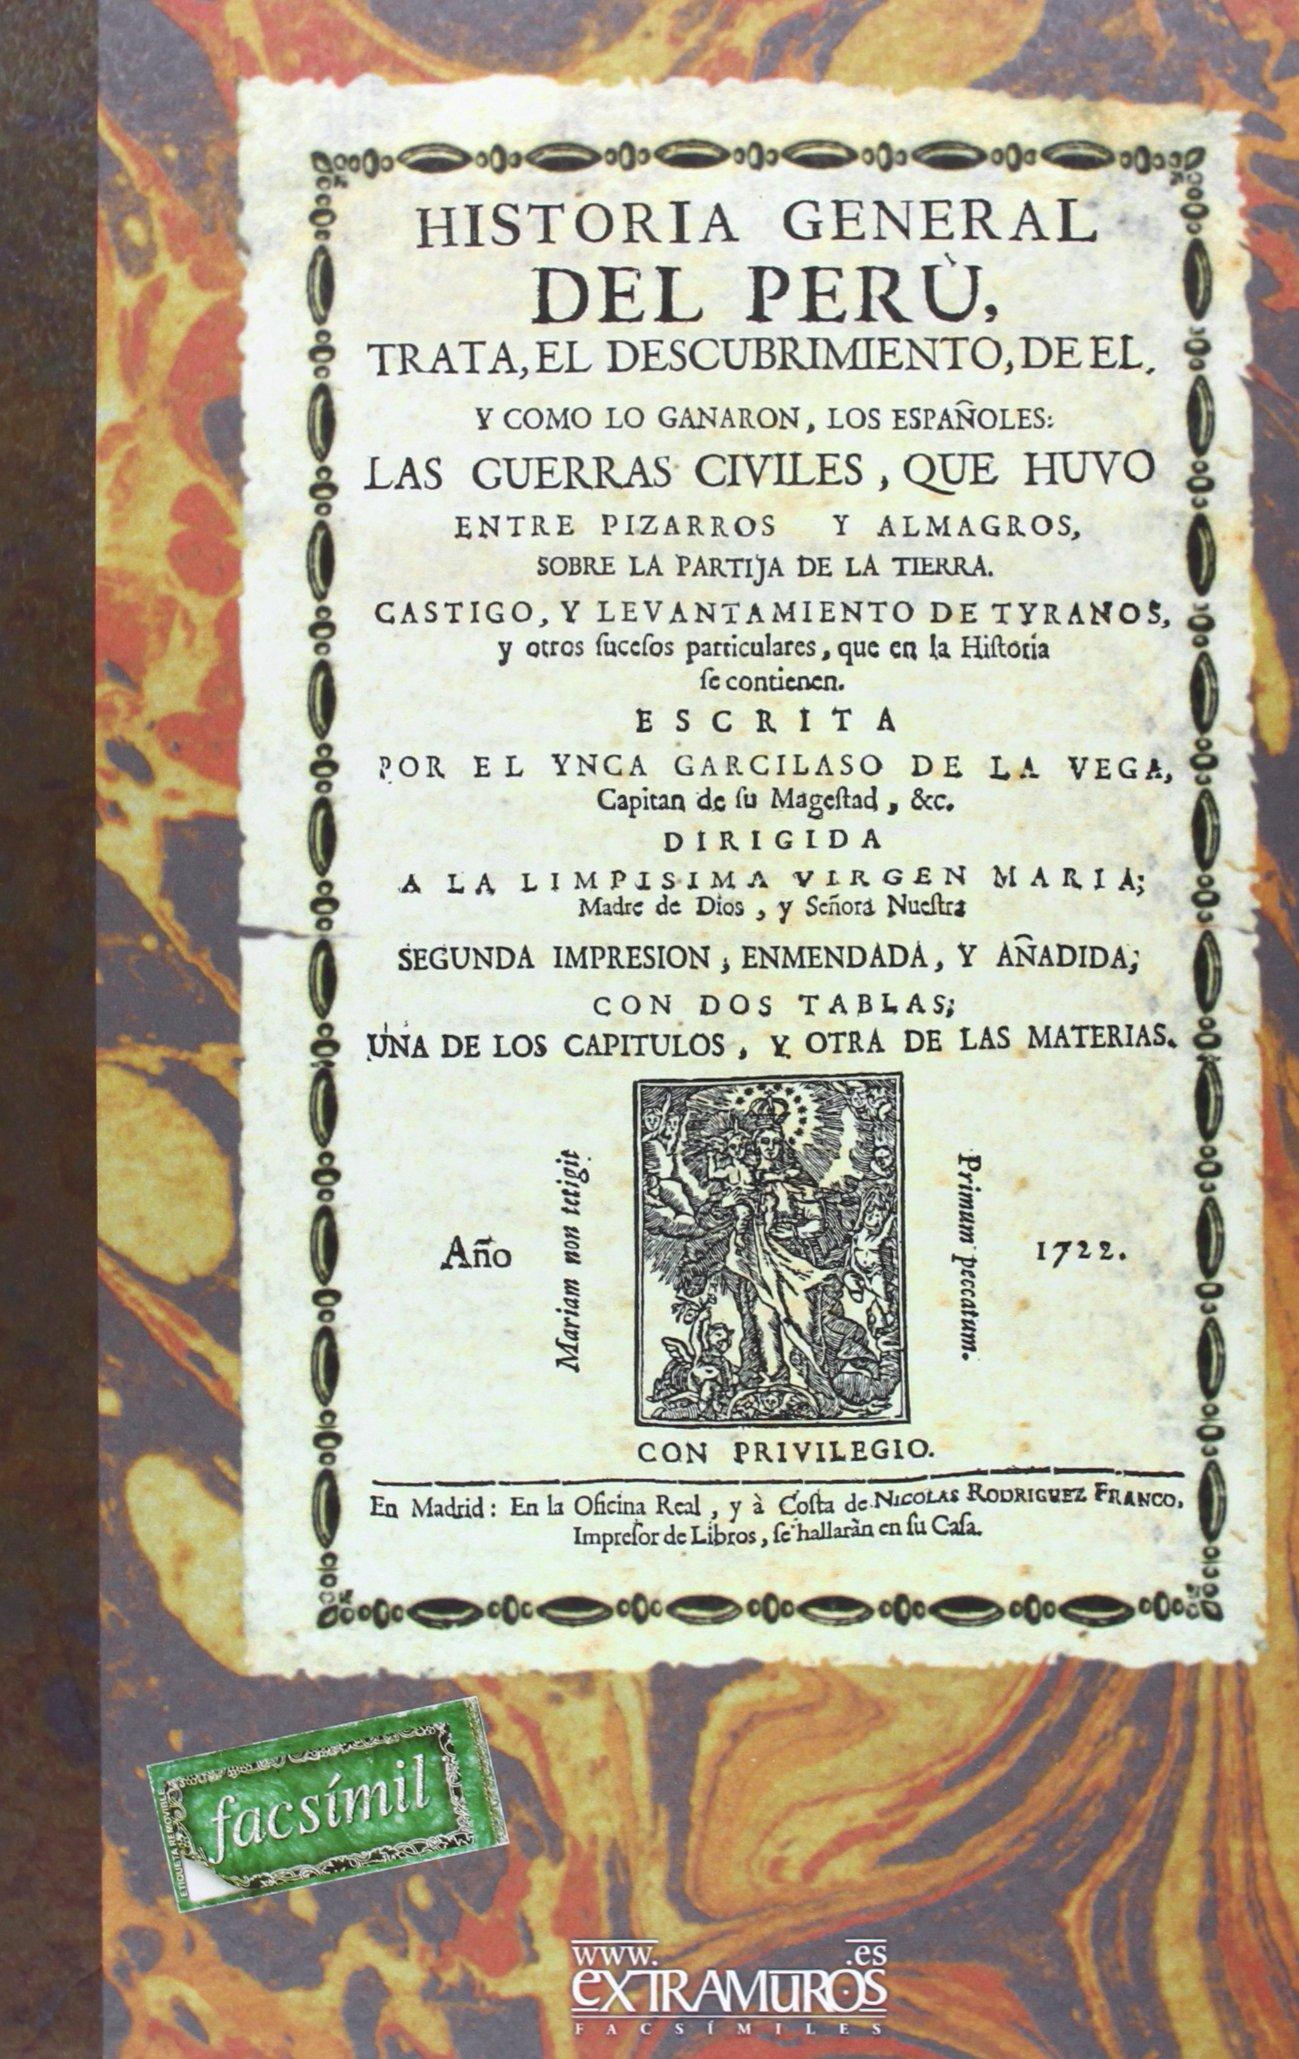 Historia general del Perú (América): Amazon.es: Vega, El Inca Garcilaso de la: Libros